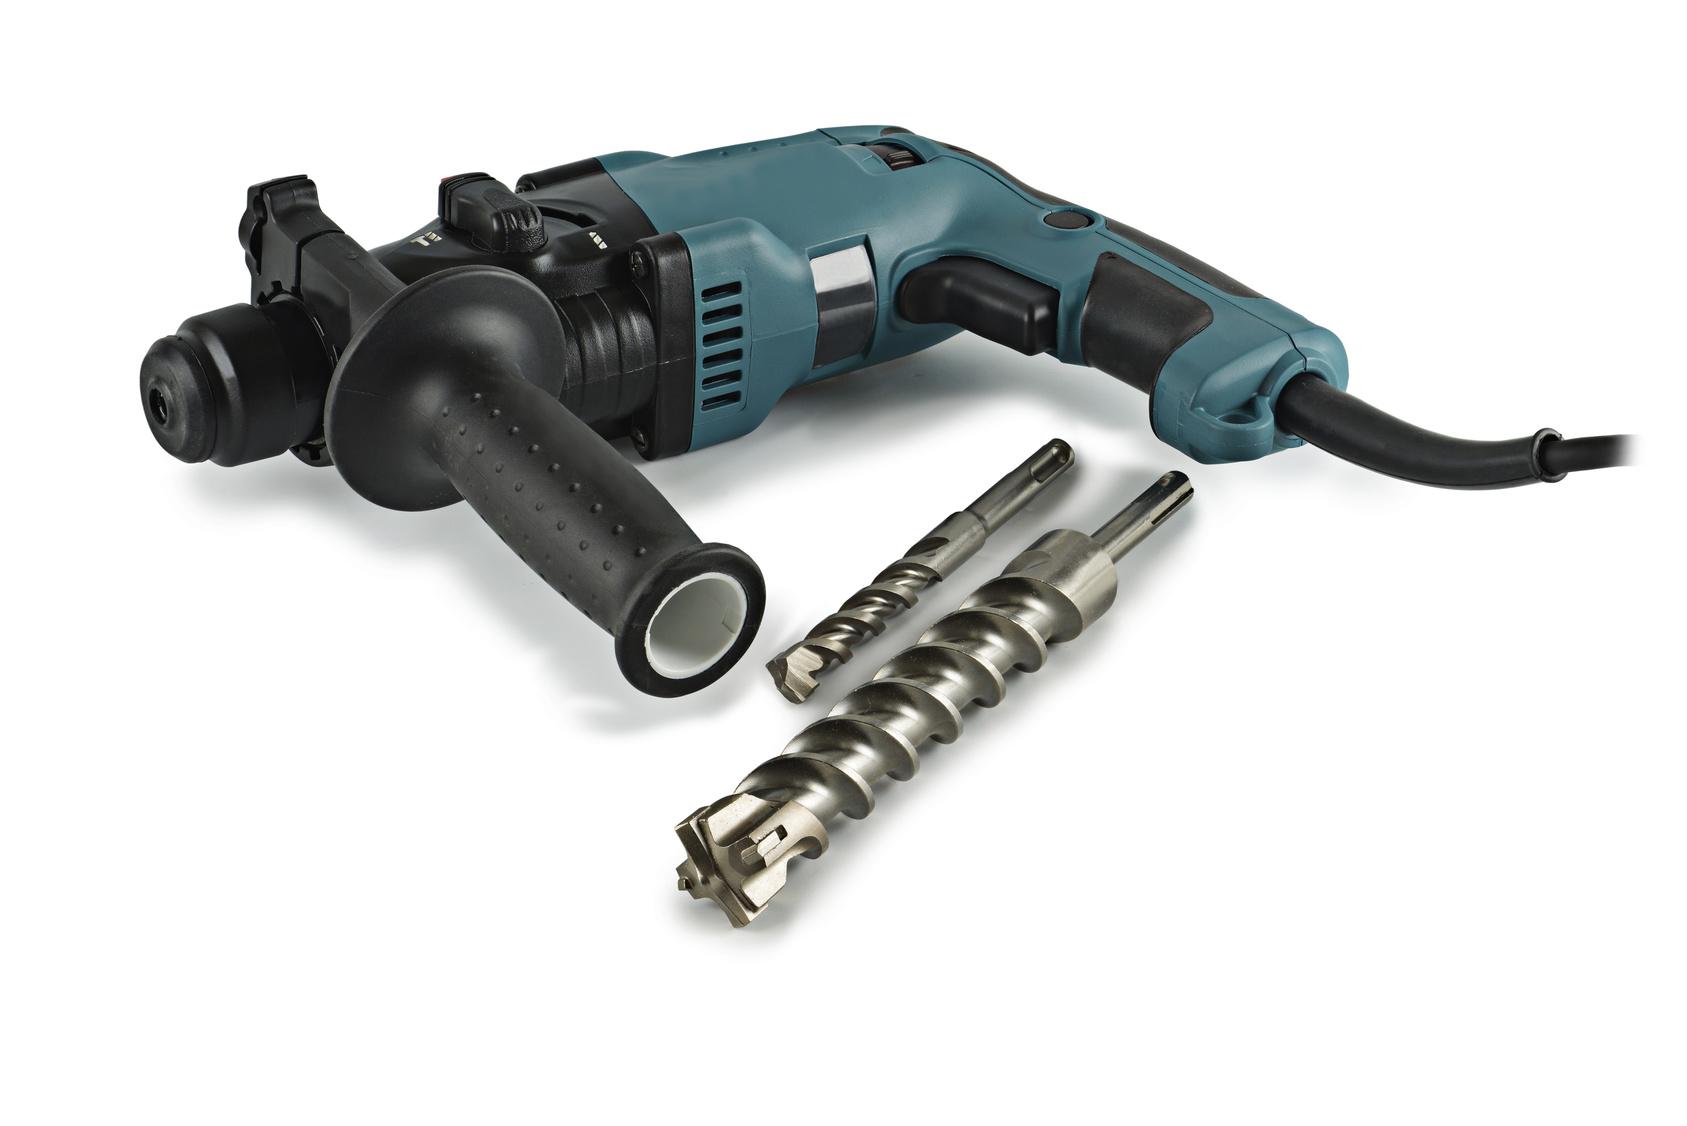 Favorit Schlagbohrmaschine oder Bohrhammer? | Bohrhammertests PH06